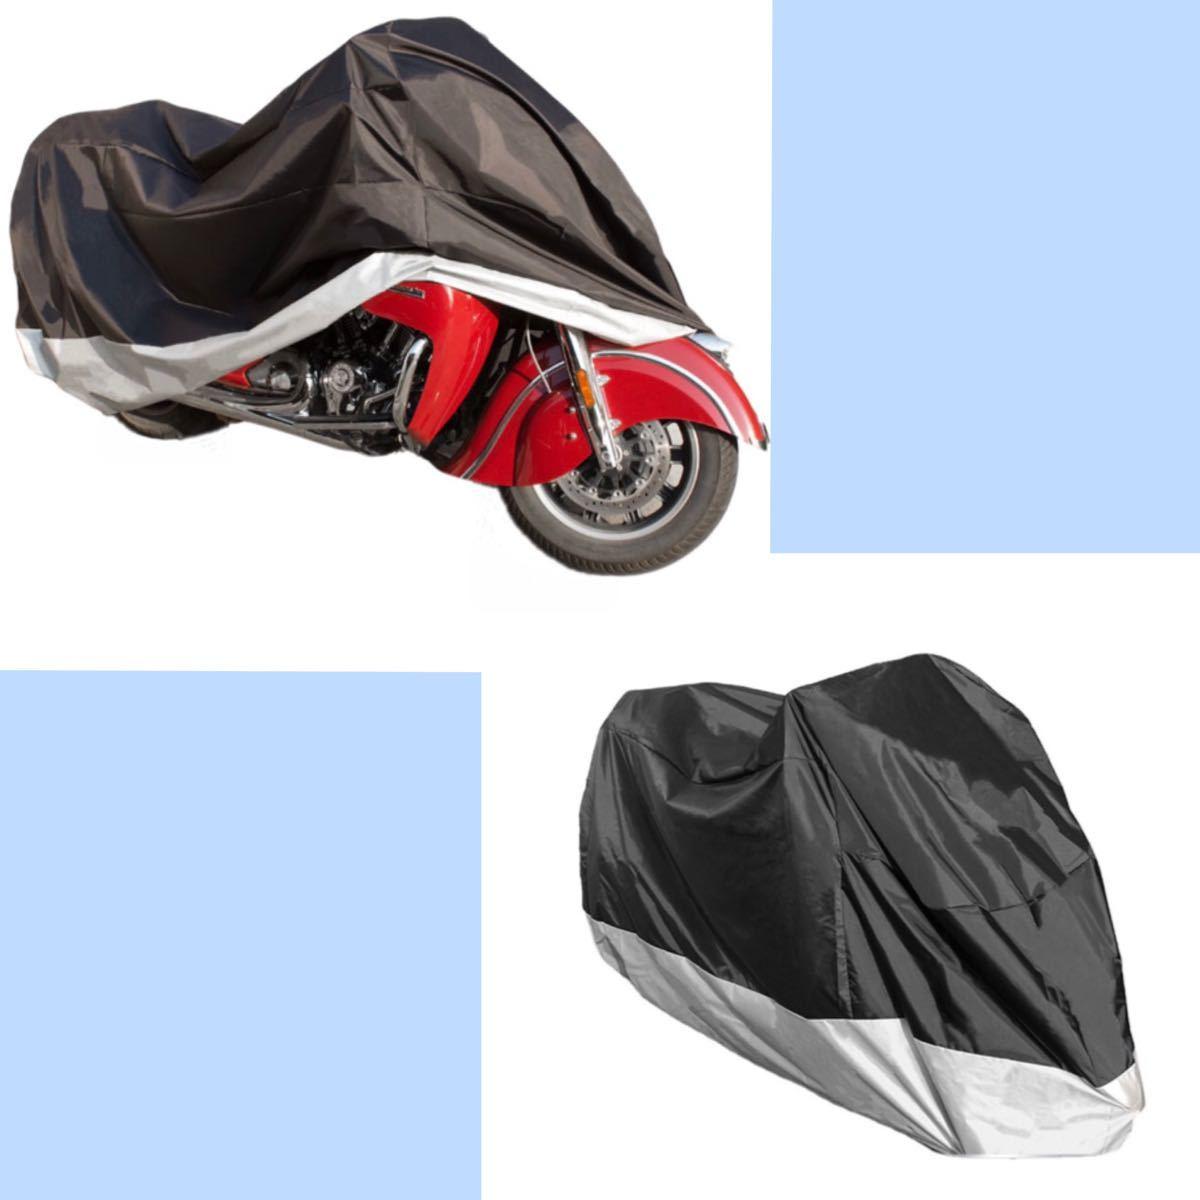 バイクカバー 中型 XL バイク用品 防水 耐熱 防風 風飛び防止 UV 防雪 防犯 いたずら防止 雨対策 バイク カバー 黒 銀_画像6